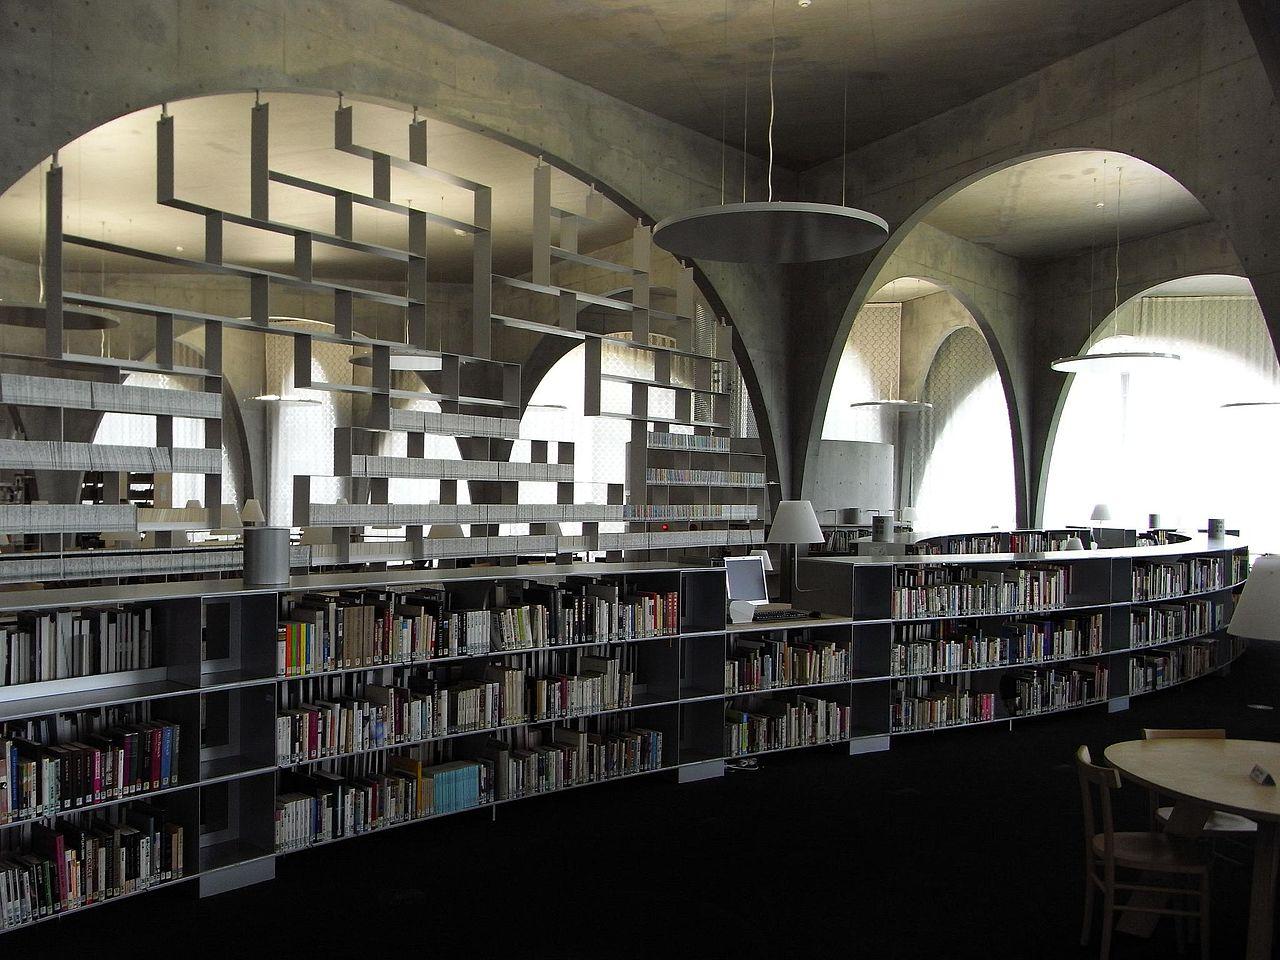 多摩美術大学図書館_-_flickr_2677847982_9c9dcde85b_o.jpg